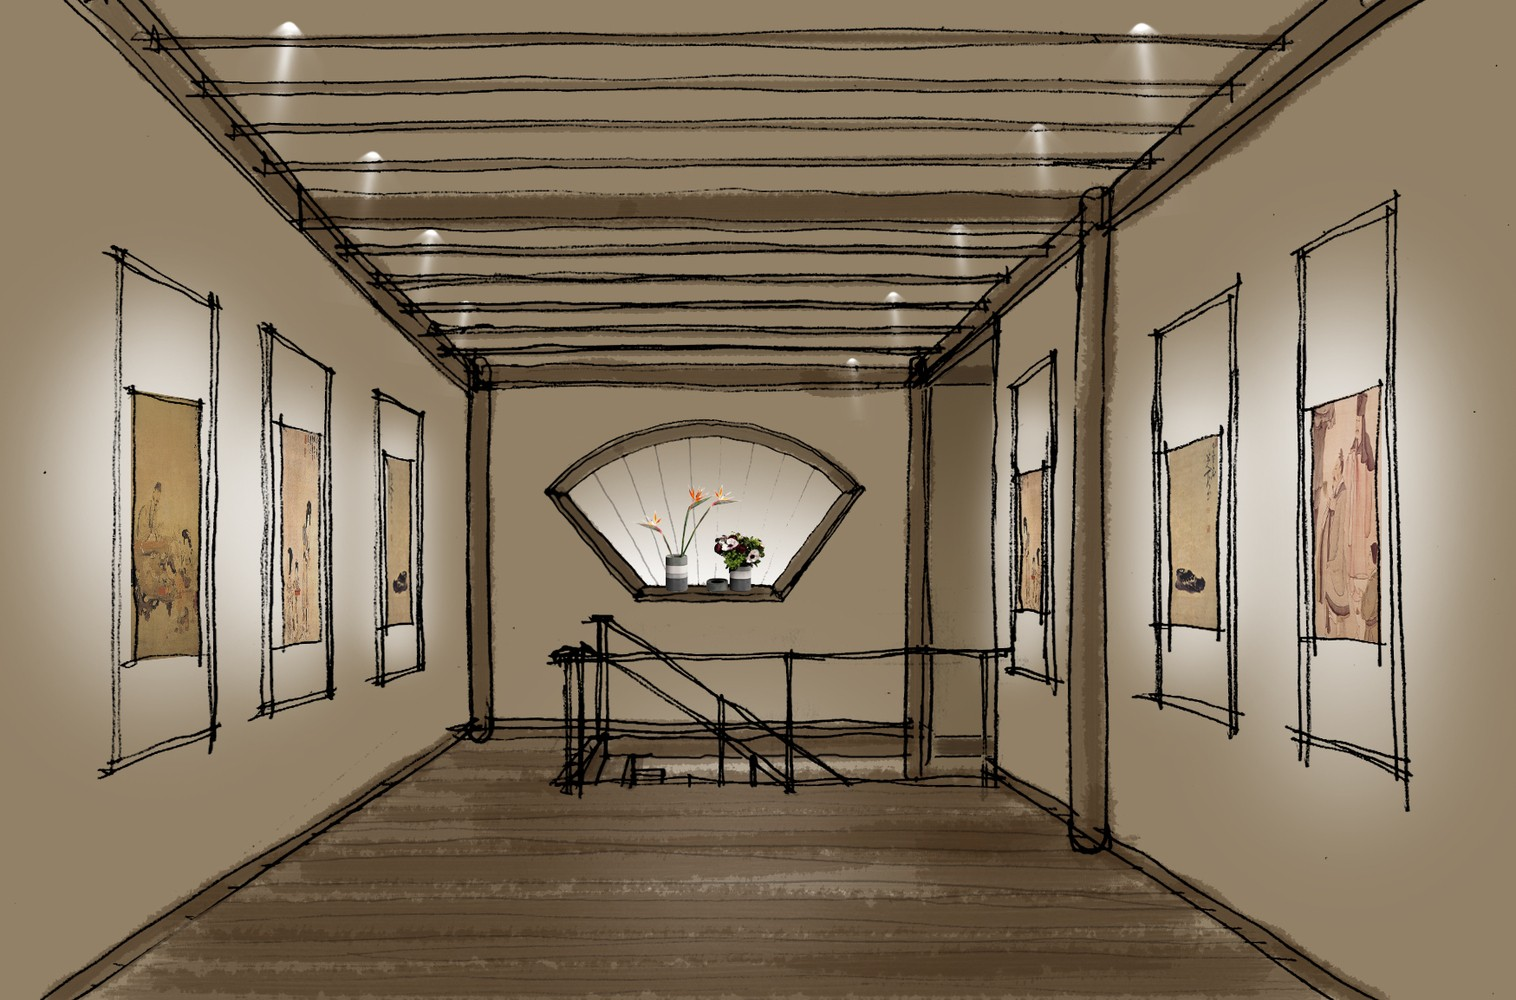 一层平面图 项目信息 室内设计:上海善祥建筑设计 地址:美术馆3楼